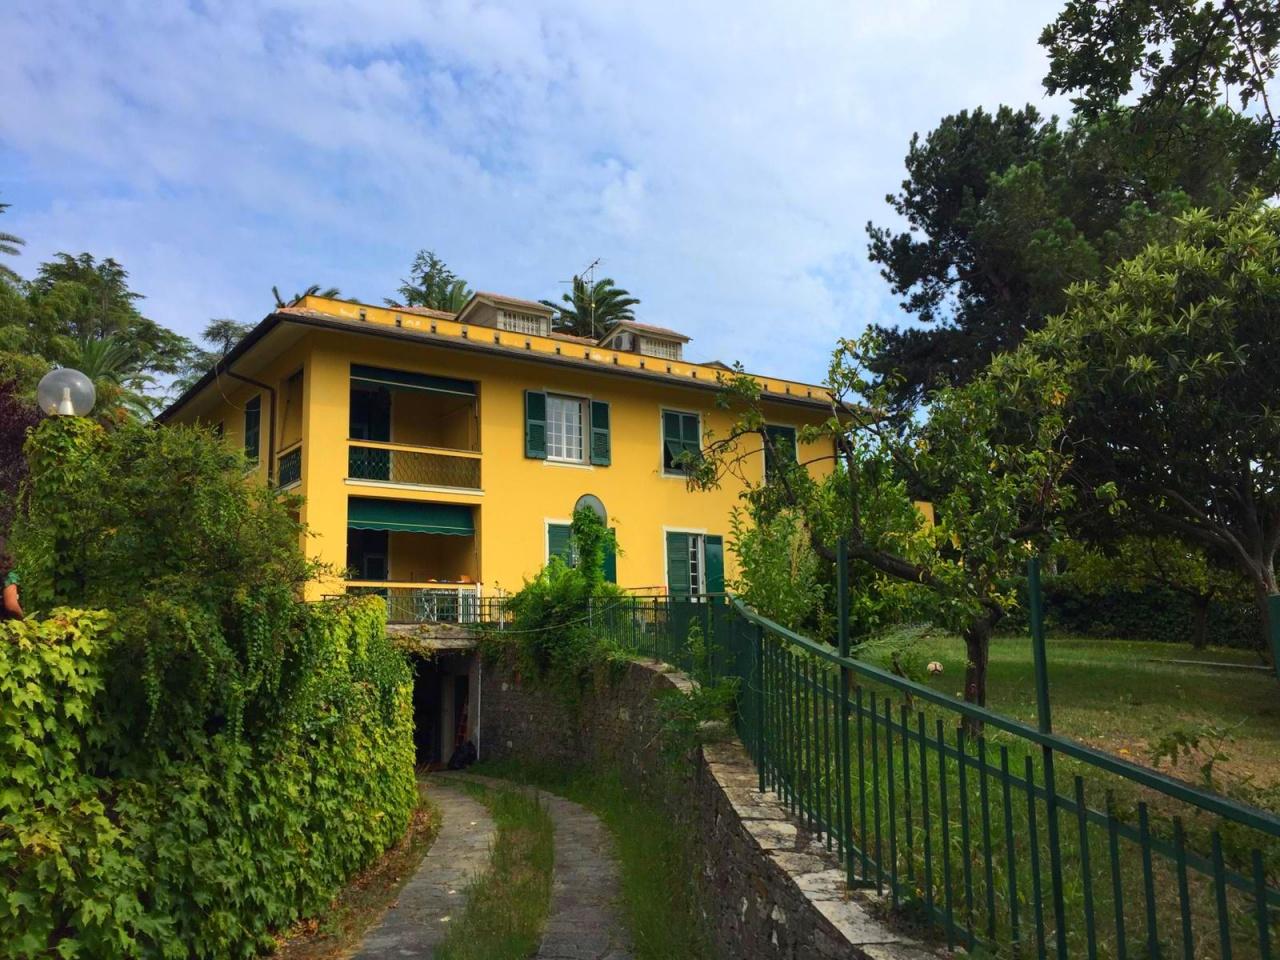 Villa in affitto a Genova, 9 locali, prezzo € 2.400 | PortaleAgenzieImmobiliari.it